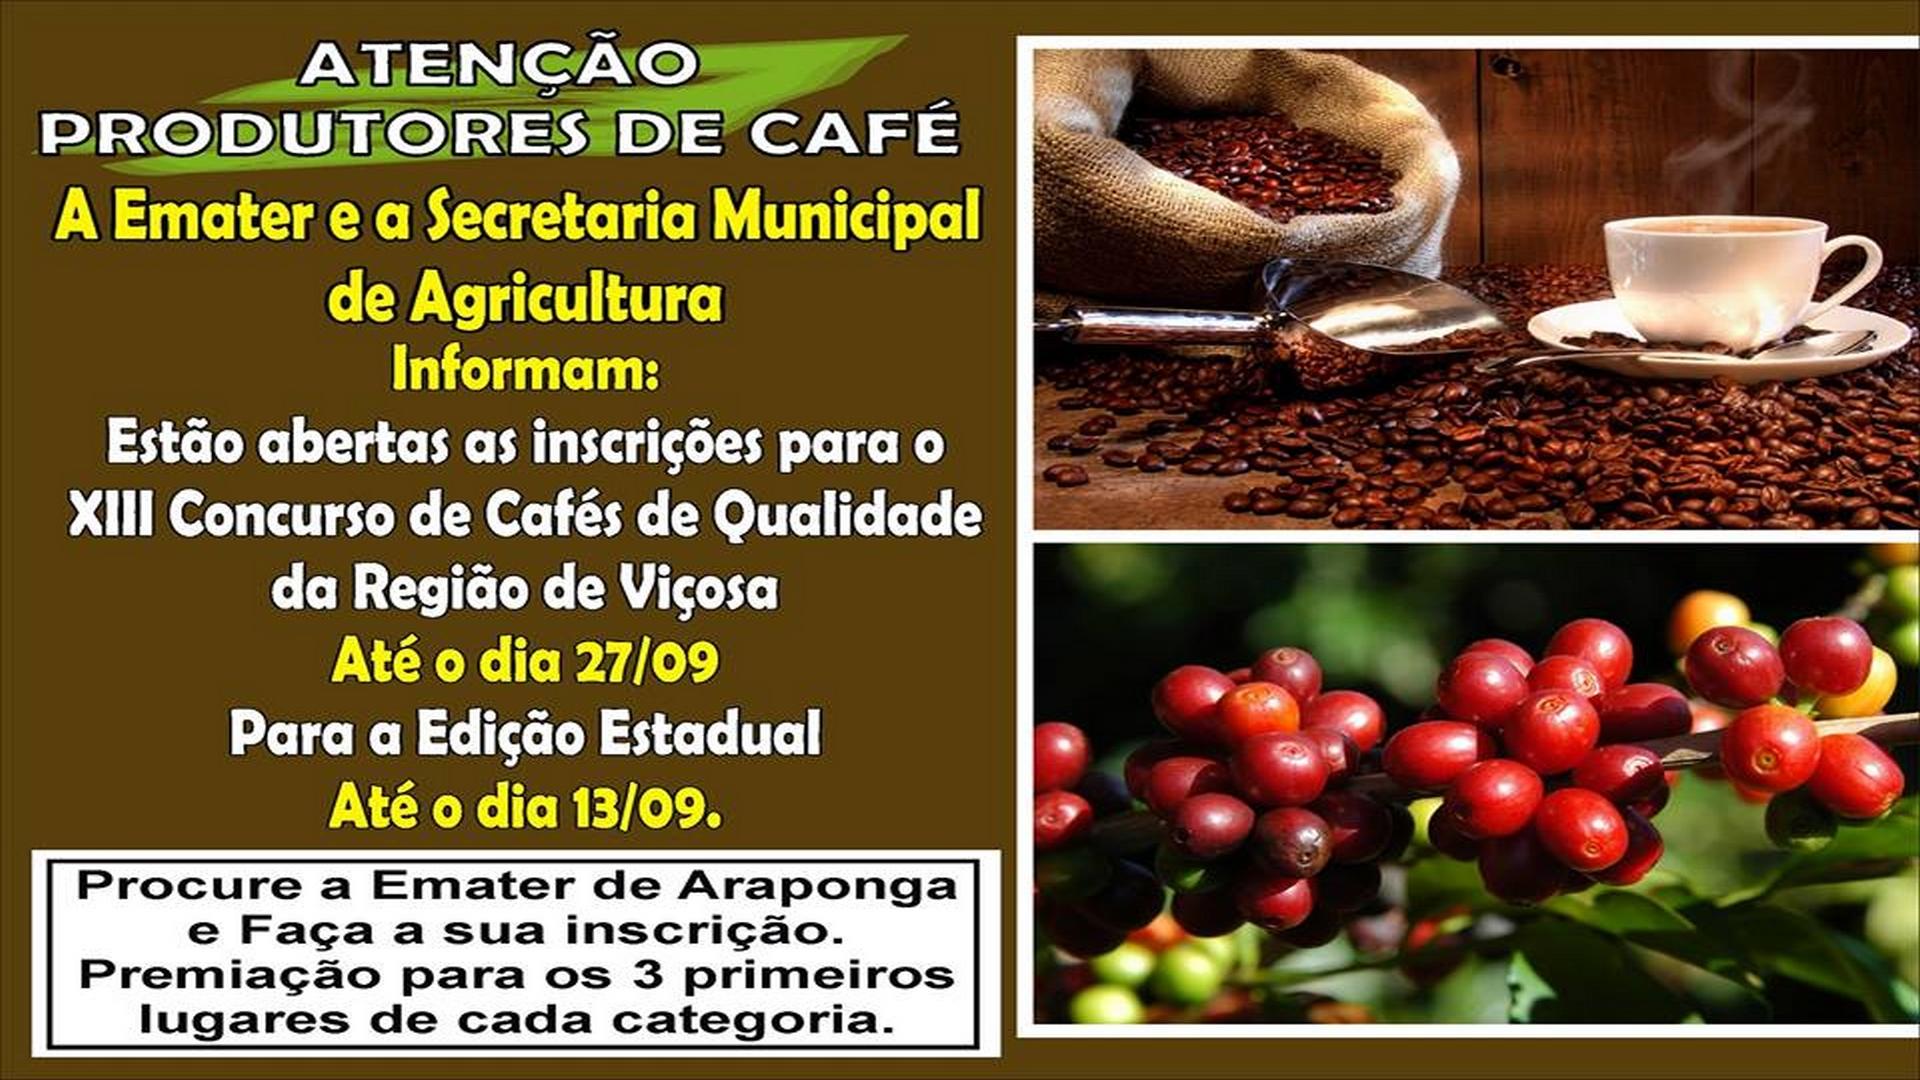 ESTÃO ABERTAS INSCRIÇÃO PARA XIII CONCURSO DE CAFÉS DE QUALIDADE !!!